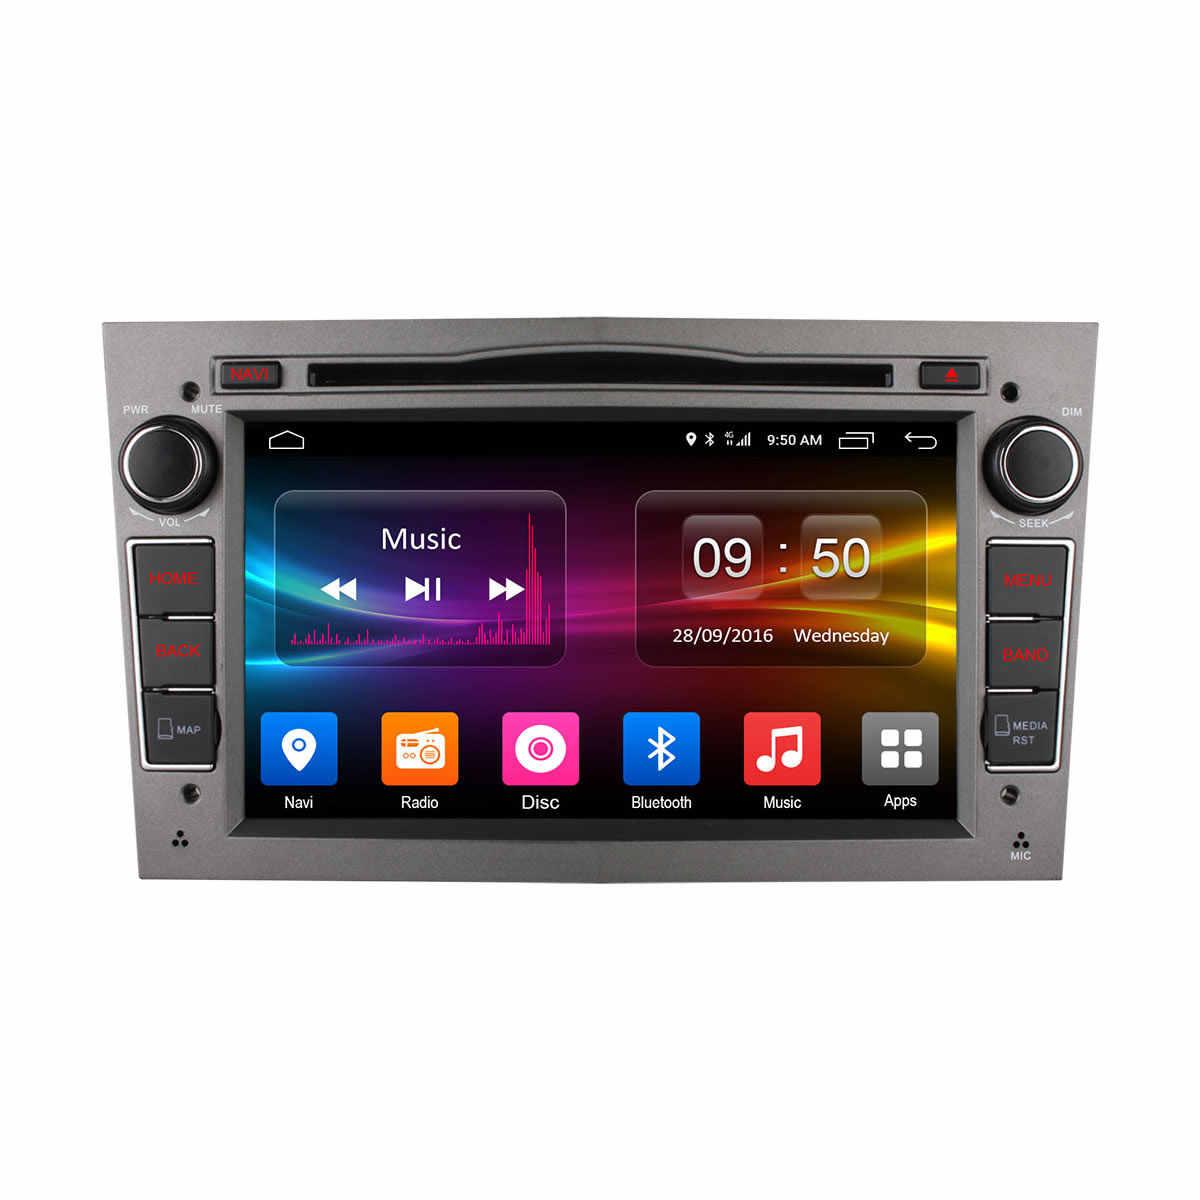 Ownice C500 Восьмиядерный автомобильный dvd-плеер Android 6,0 для Opel Astra H Vectra Corsa Zafira B C G с 2 Гб Оперативная память Поддержка сеть 4G LTE